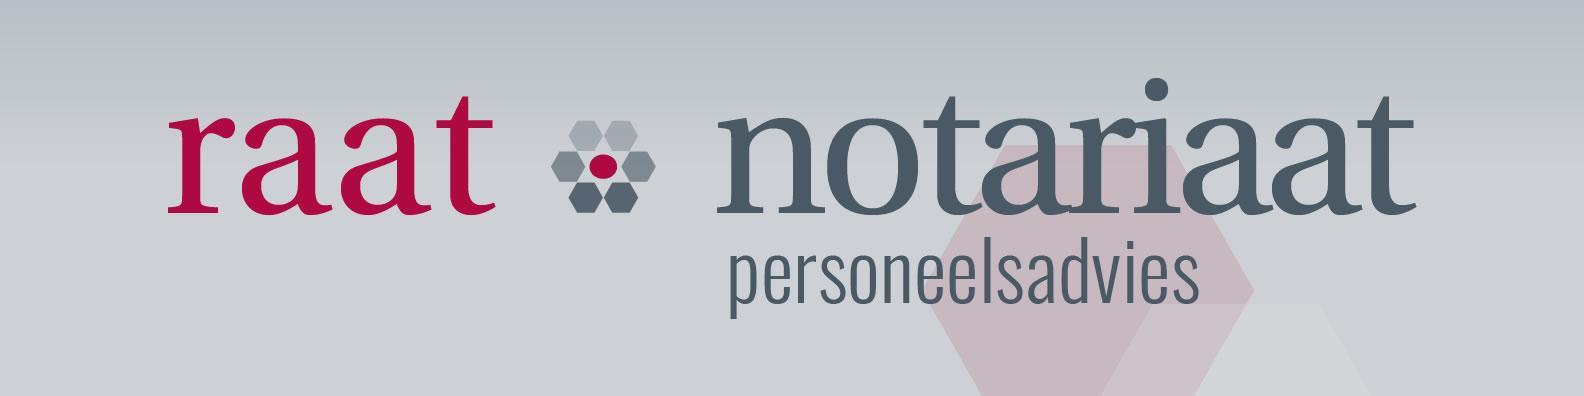 Kandidaat- notaris Boedelpraktijk